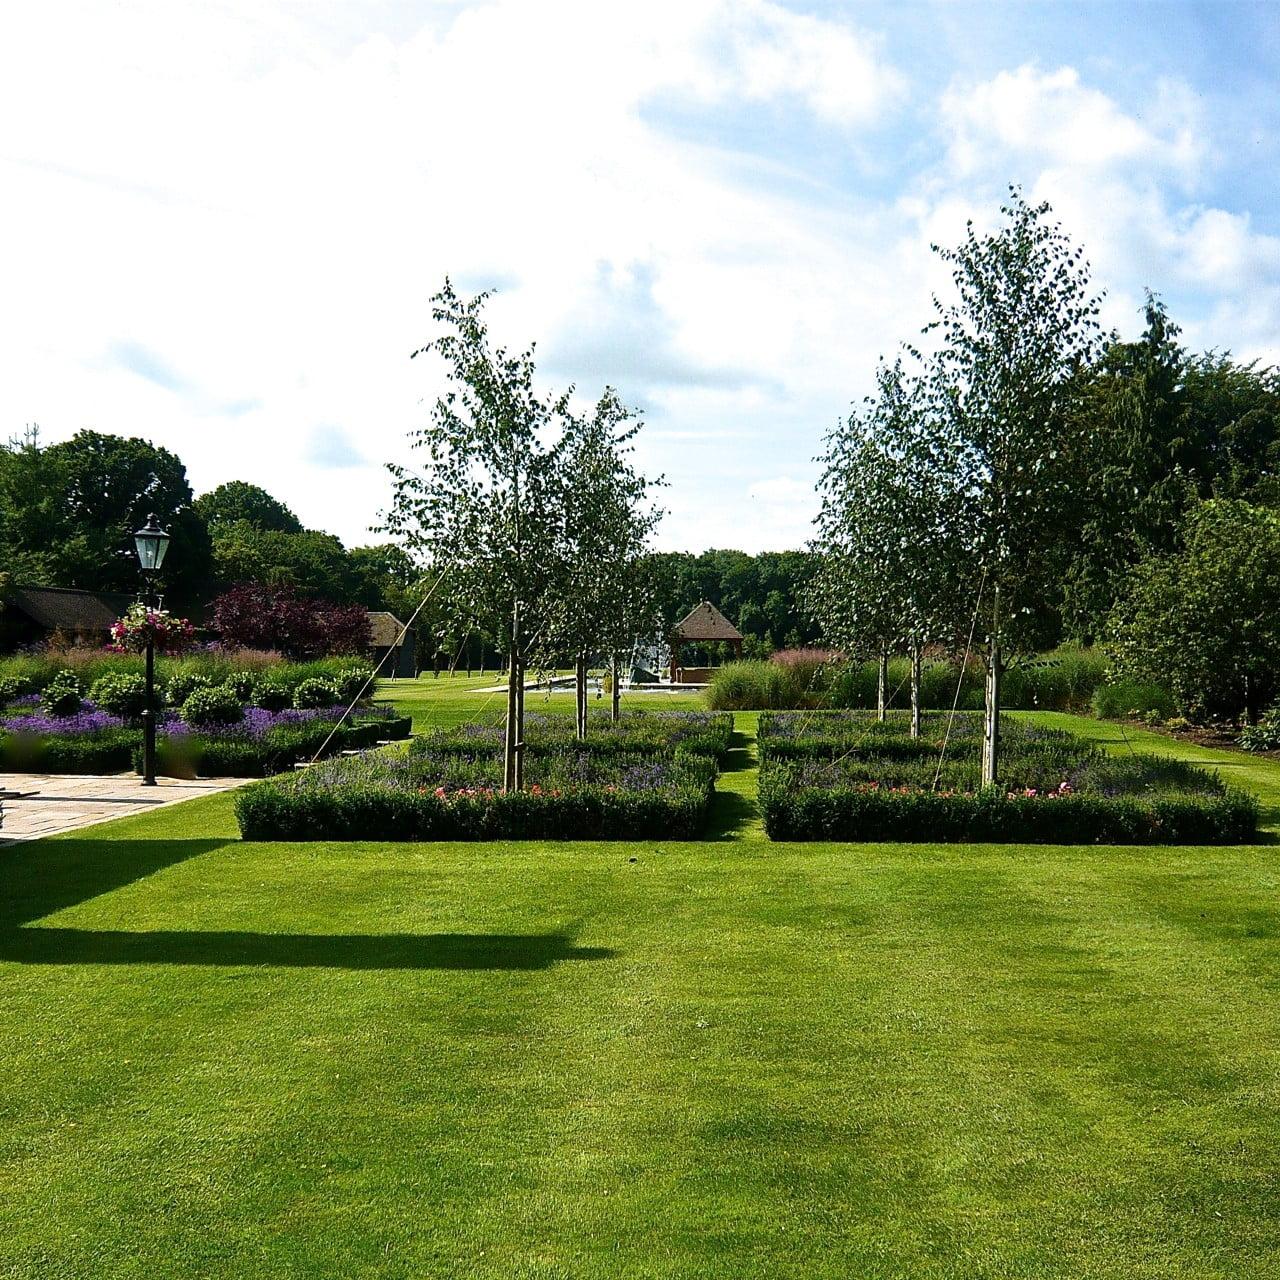 Formal-country-garden-10-www.joannealderson.com_